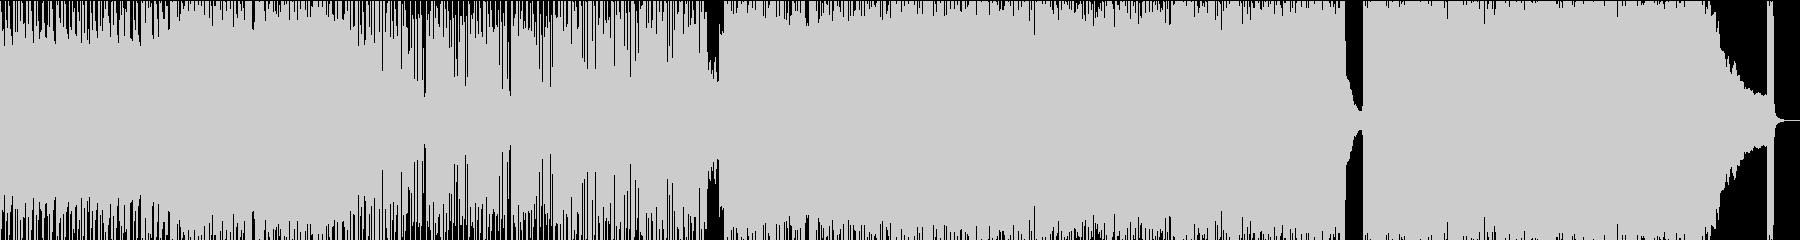 パンク ワイルド スタイリッシュ ...の未再生の波形